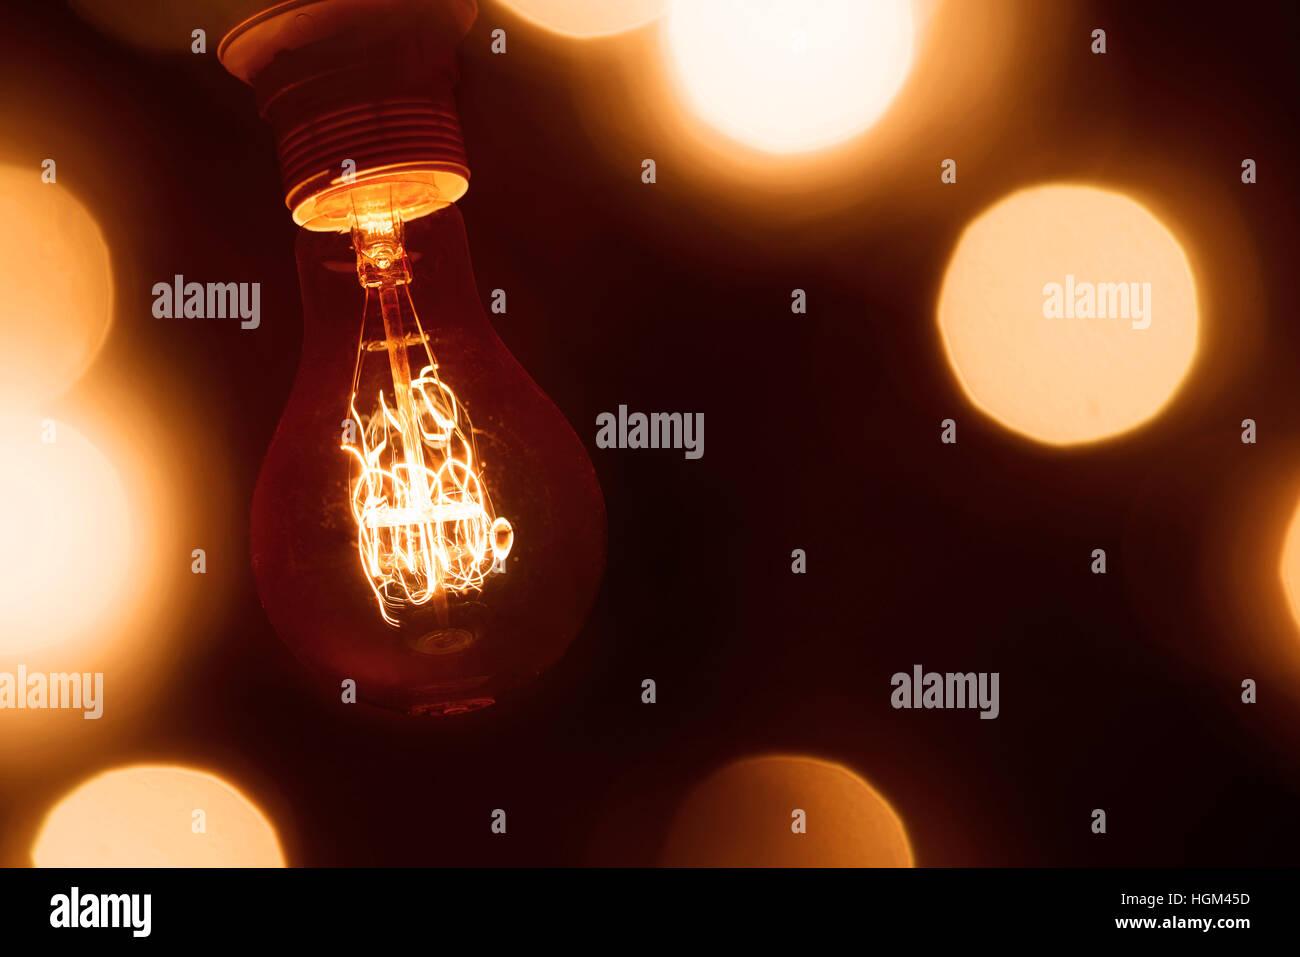 Ampoule à incandescence vintage lumineux orange foncé sur arrière-plan flou Photo Stock